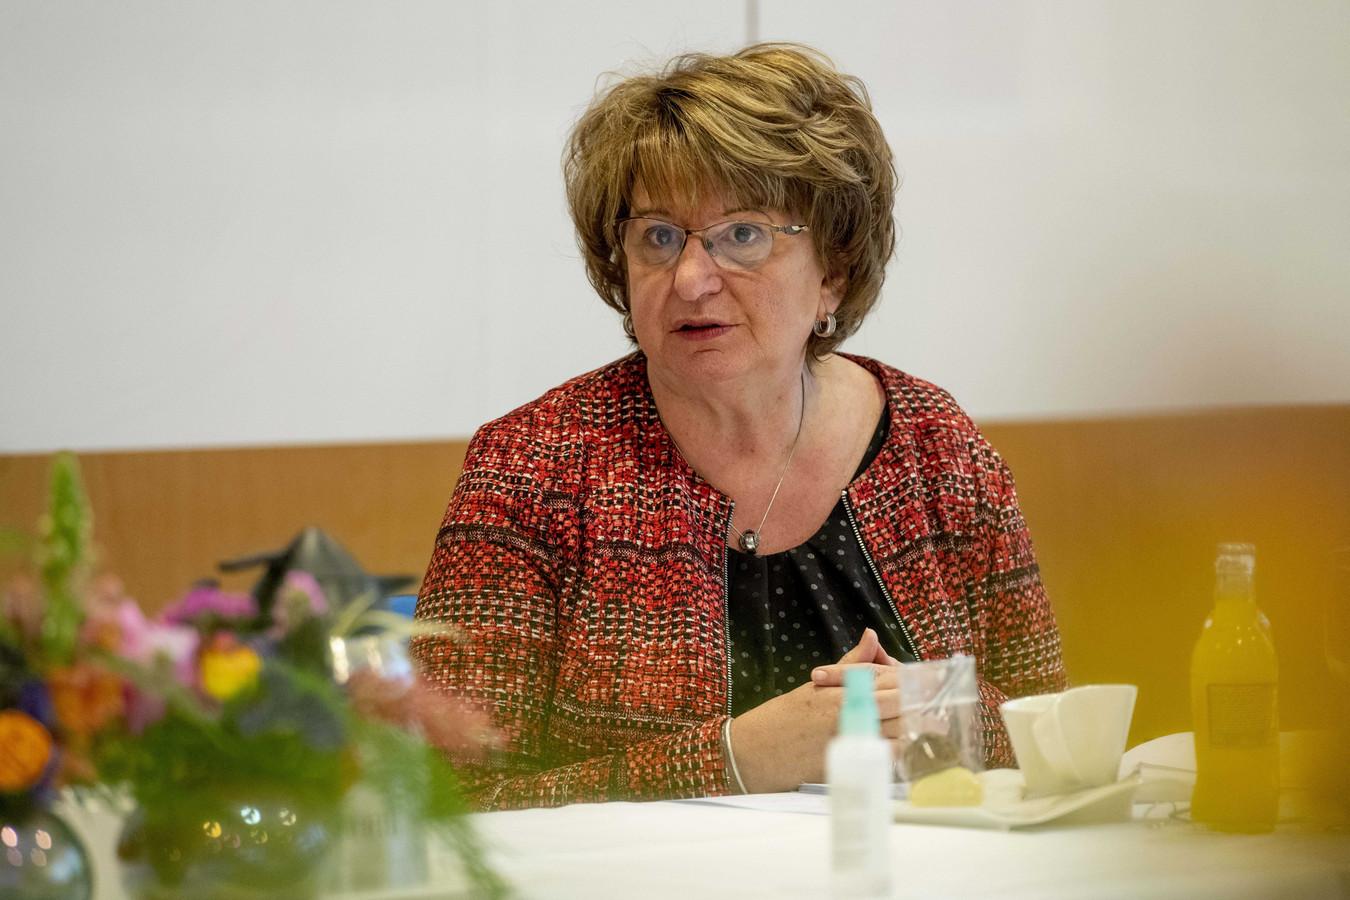 SER- voorzitter Mariëtte Hamer tijdens een werkbezoek van koningin Máxima.